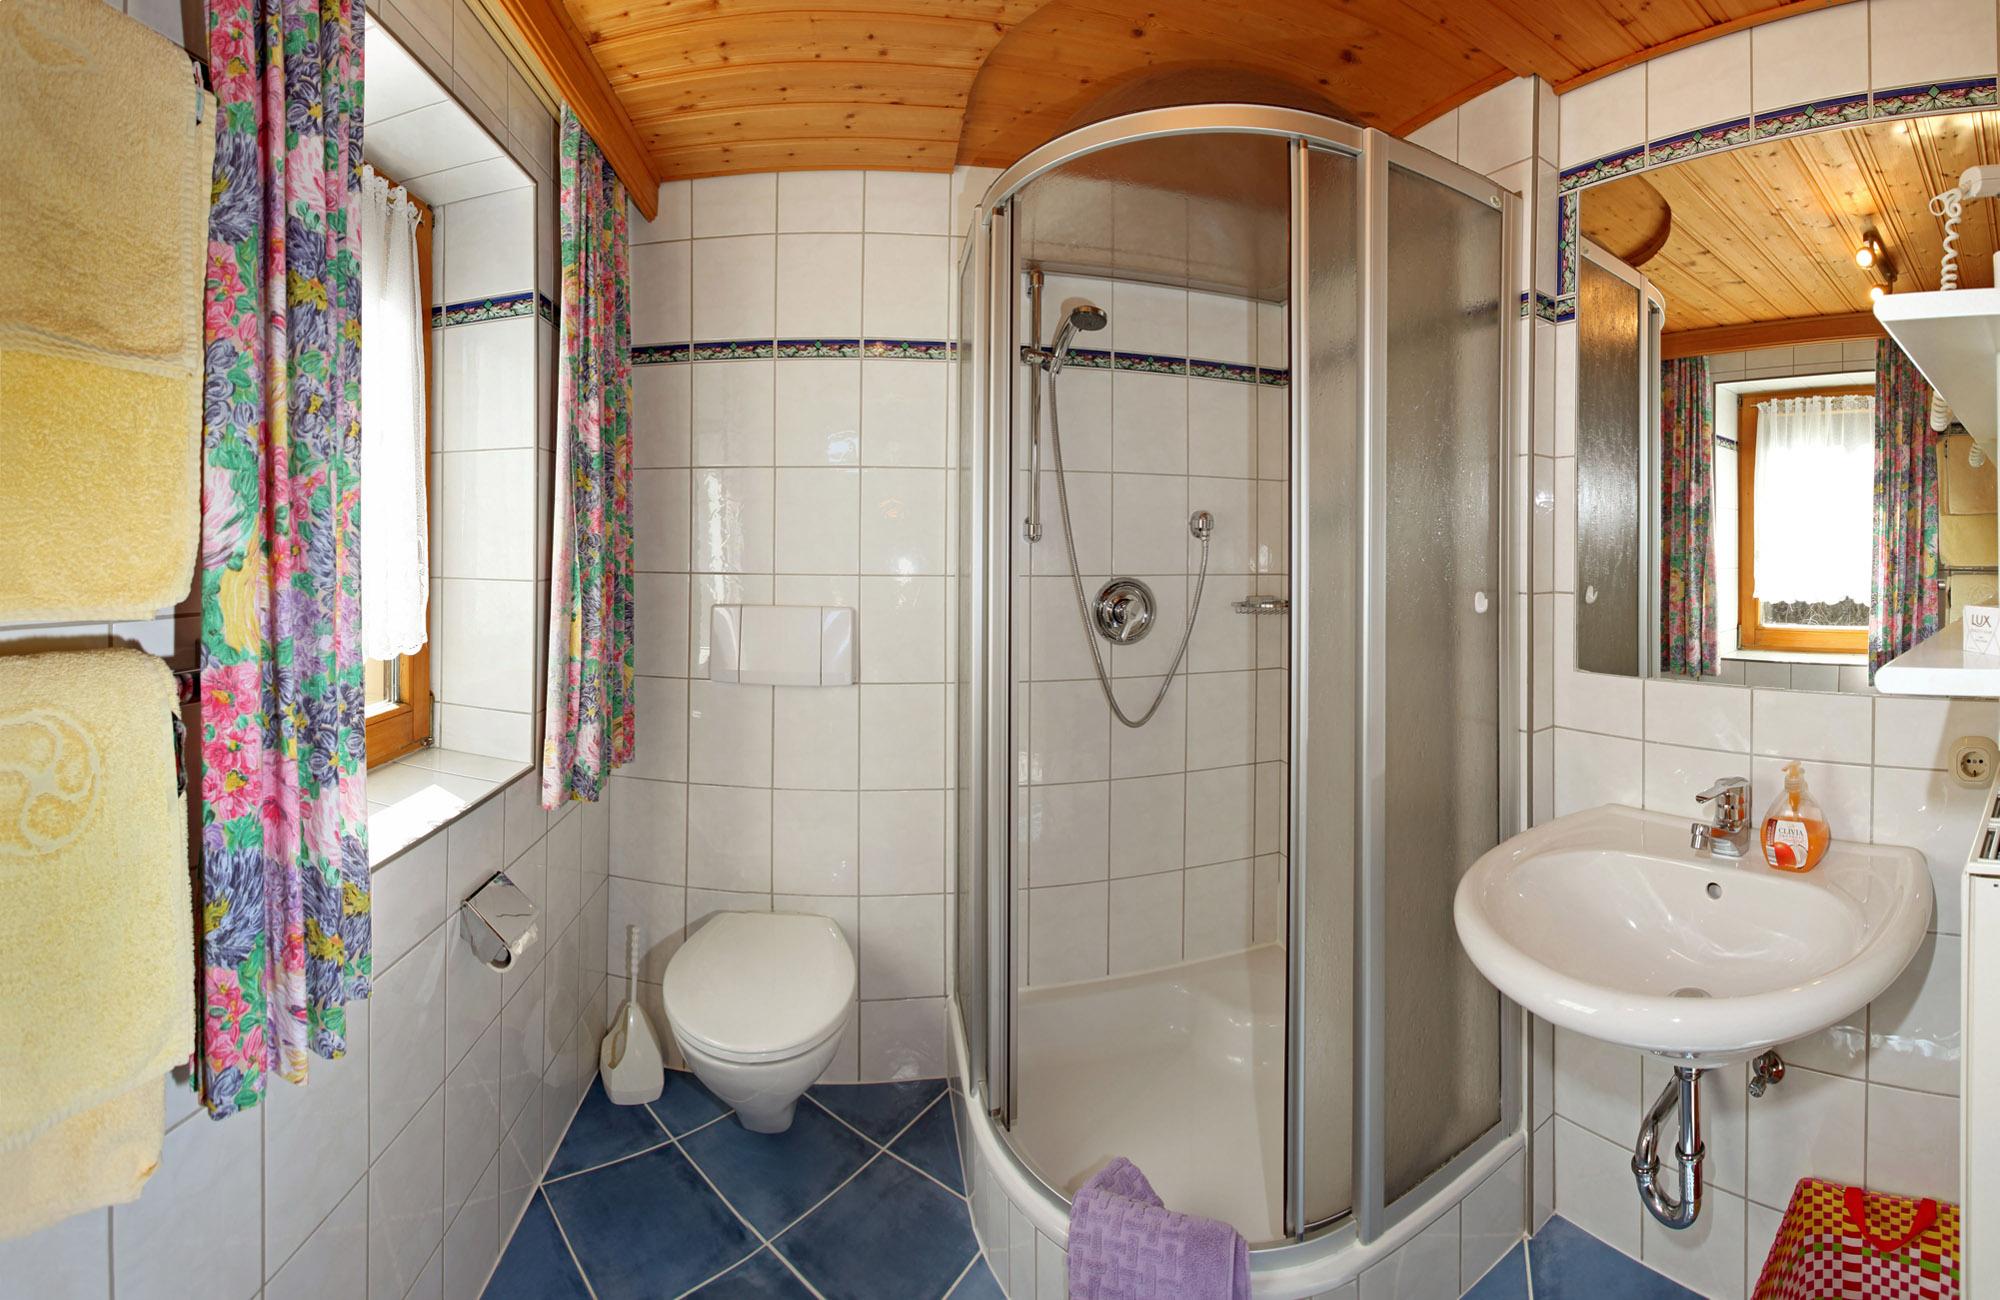 Preiswerte Ferienwohnungen in St. Johann in Tirol mit Ausblick zum Wilder Kaiser und Süd Balkon 6